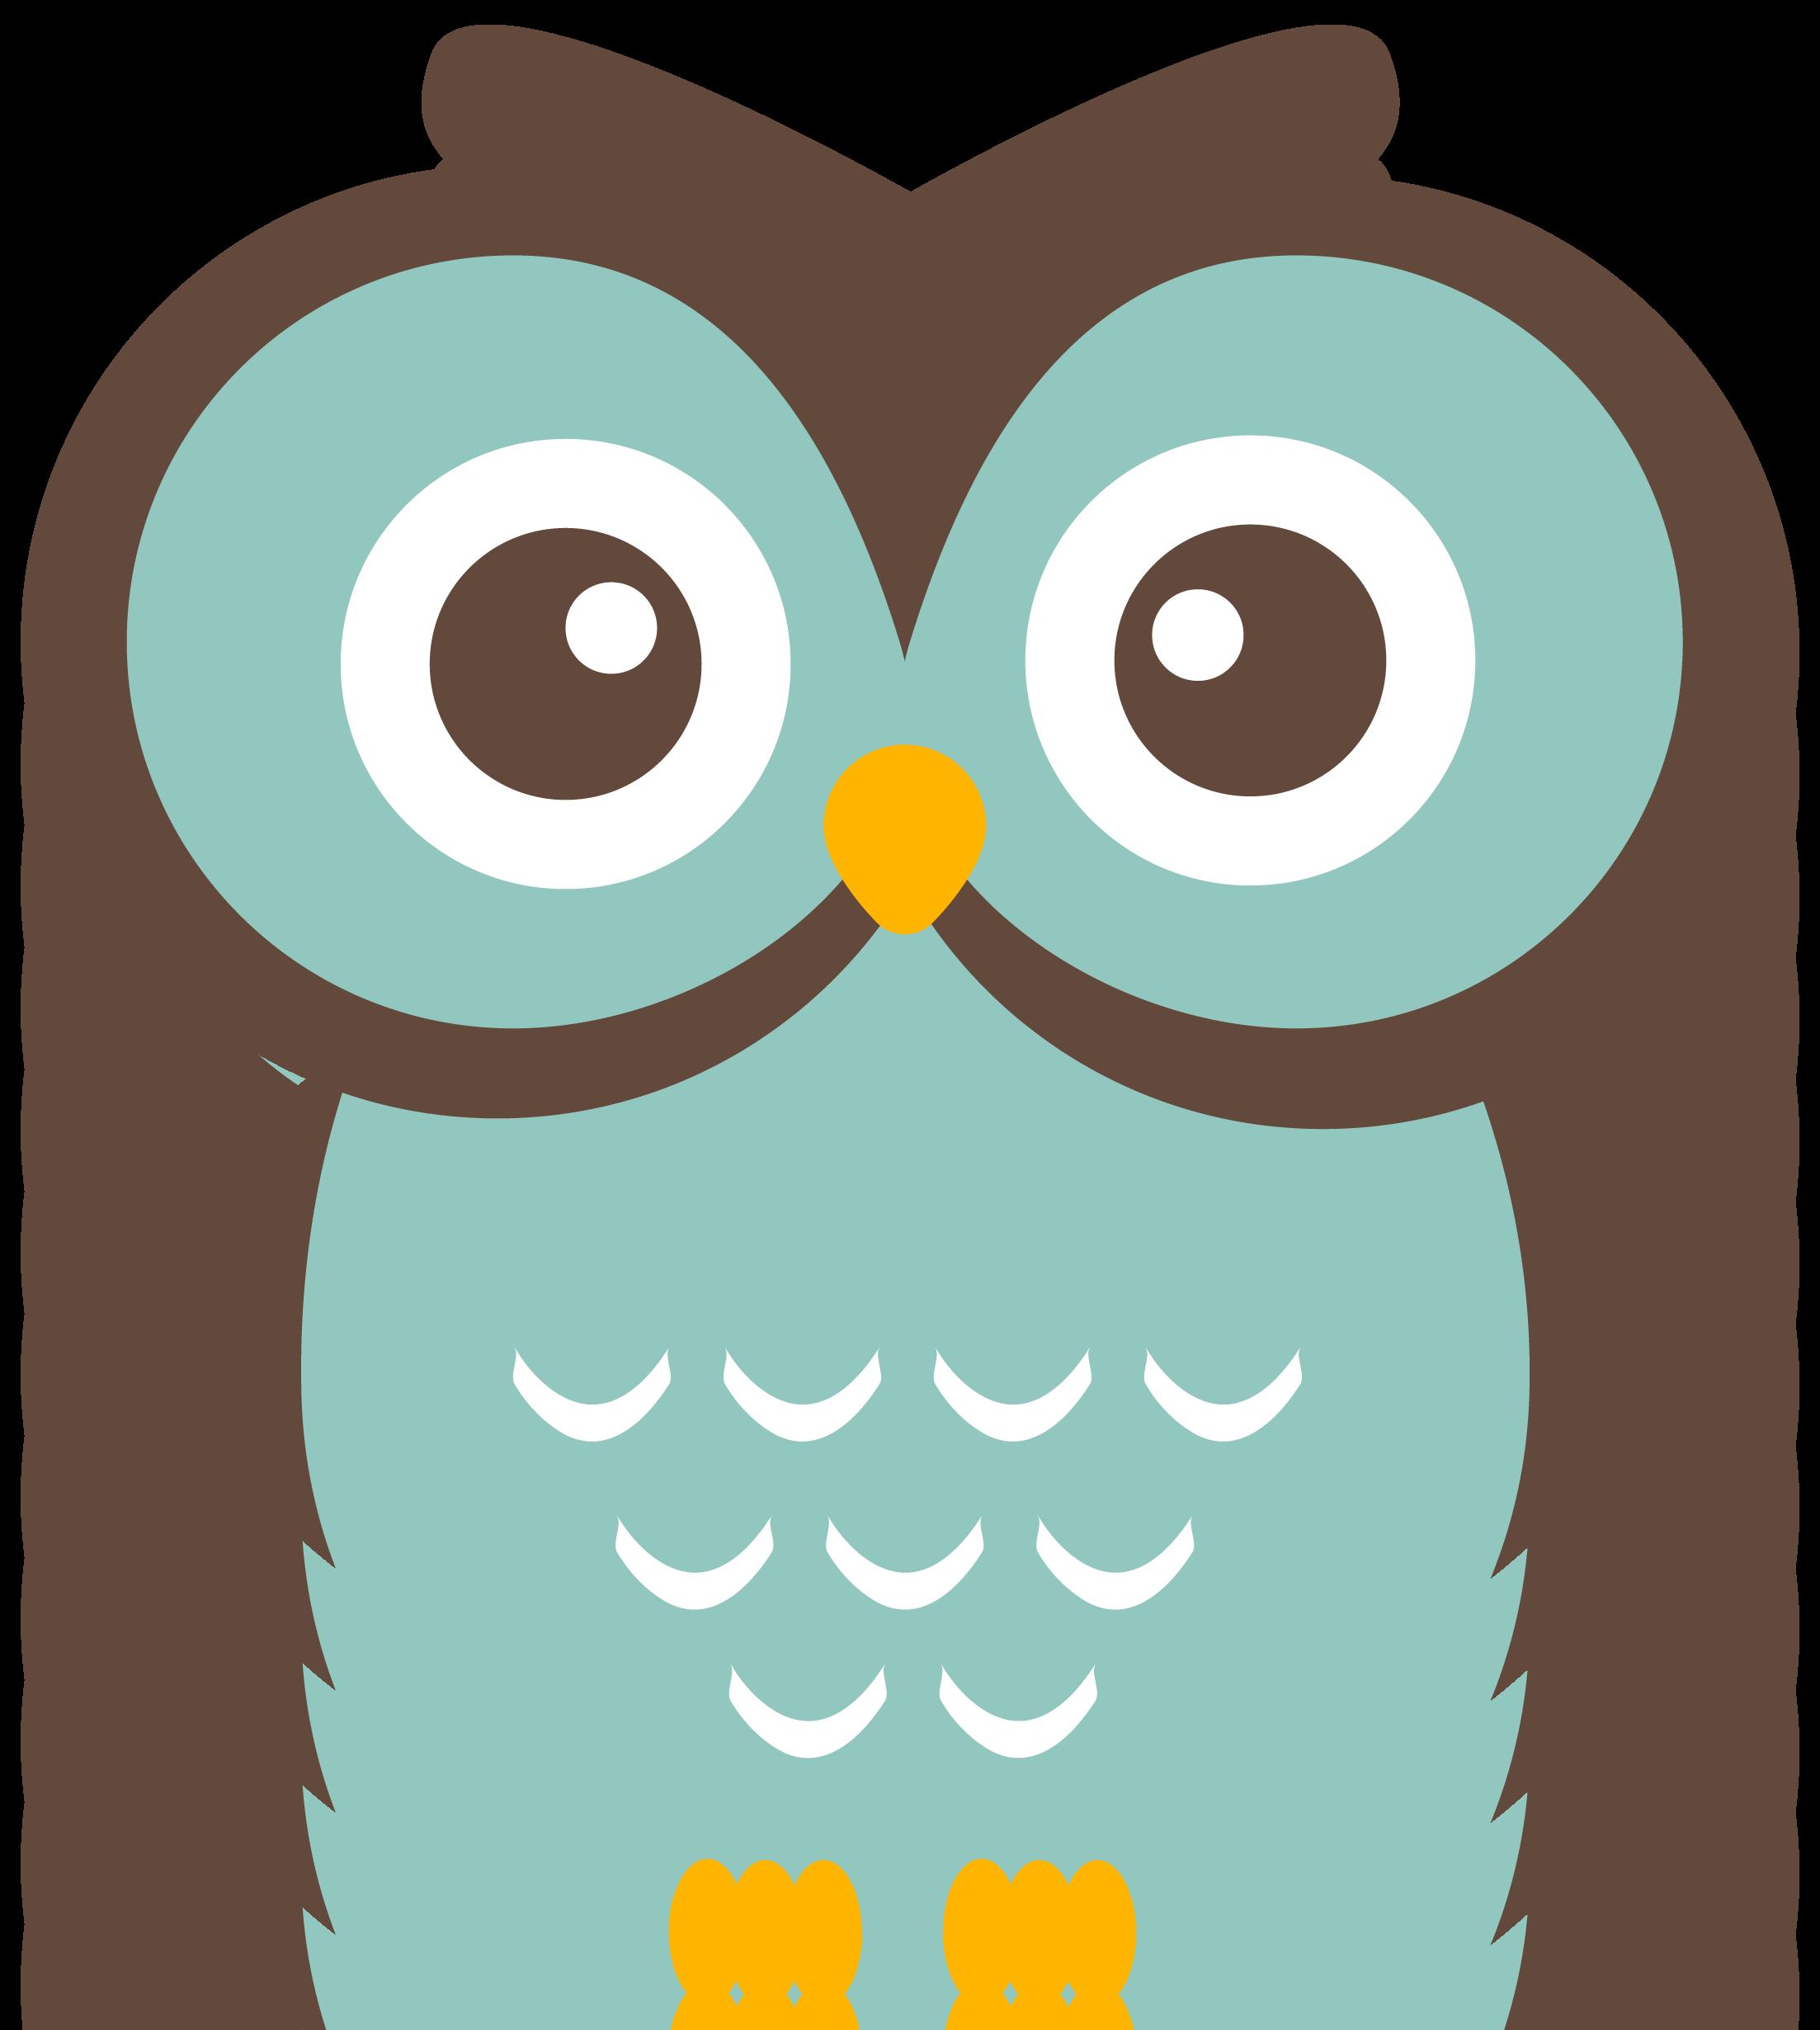 Teal owl clipart.